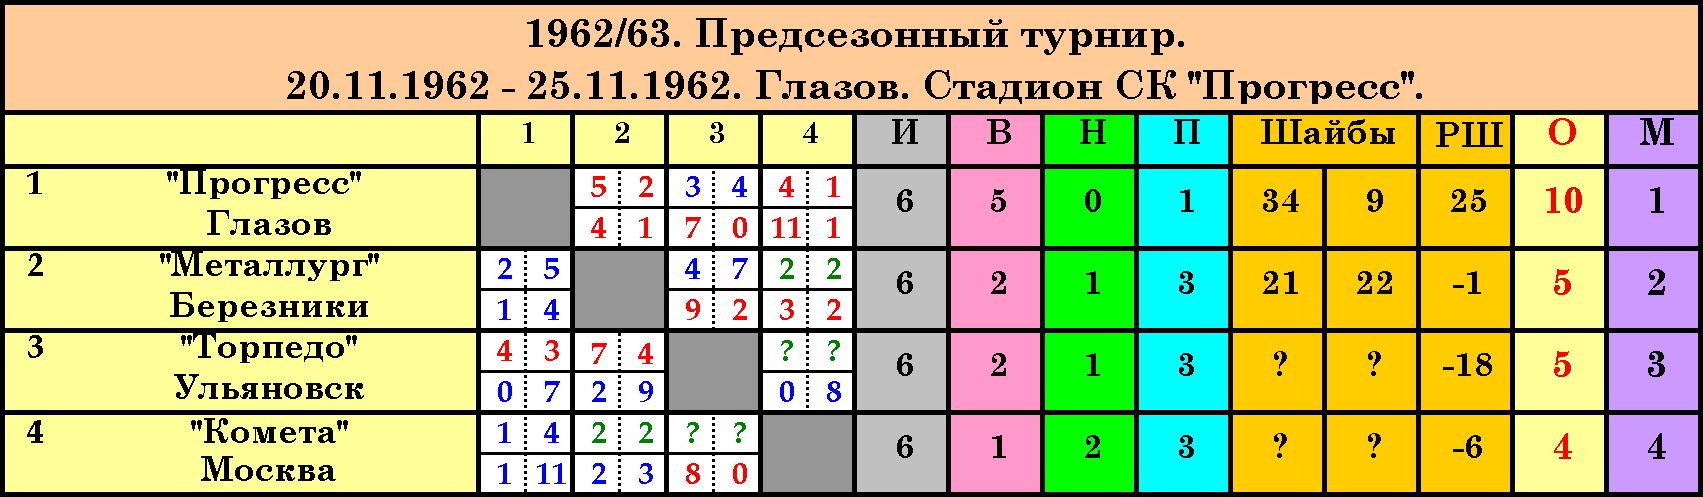 Предсезонный турнир 1962-63 Глазов.png